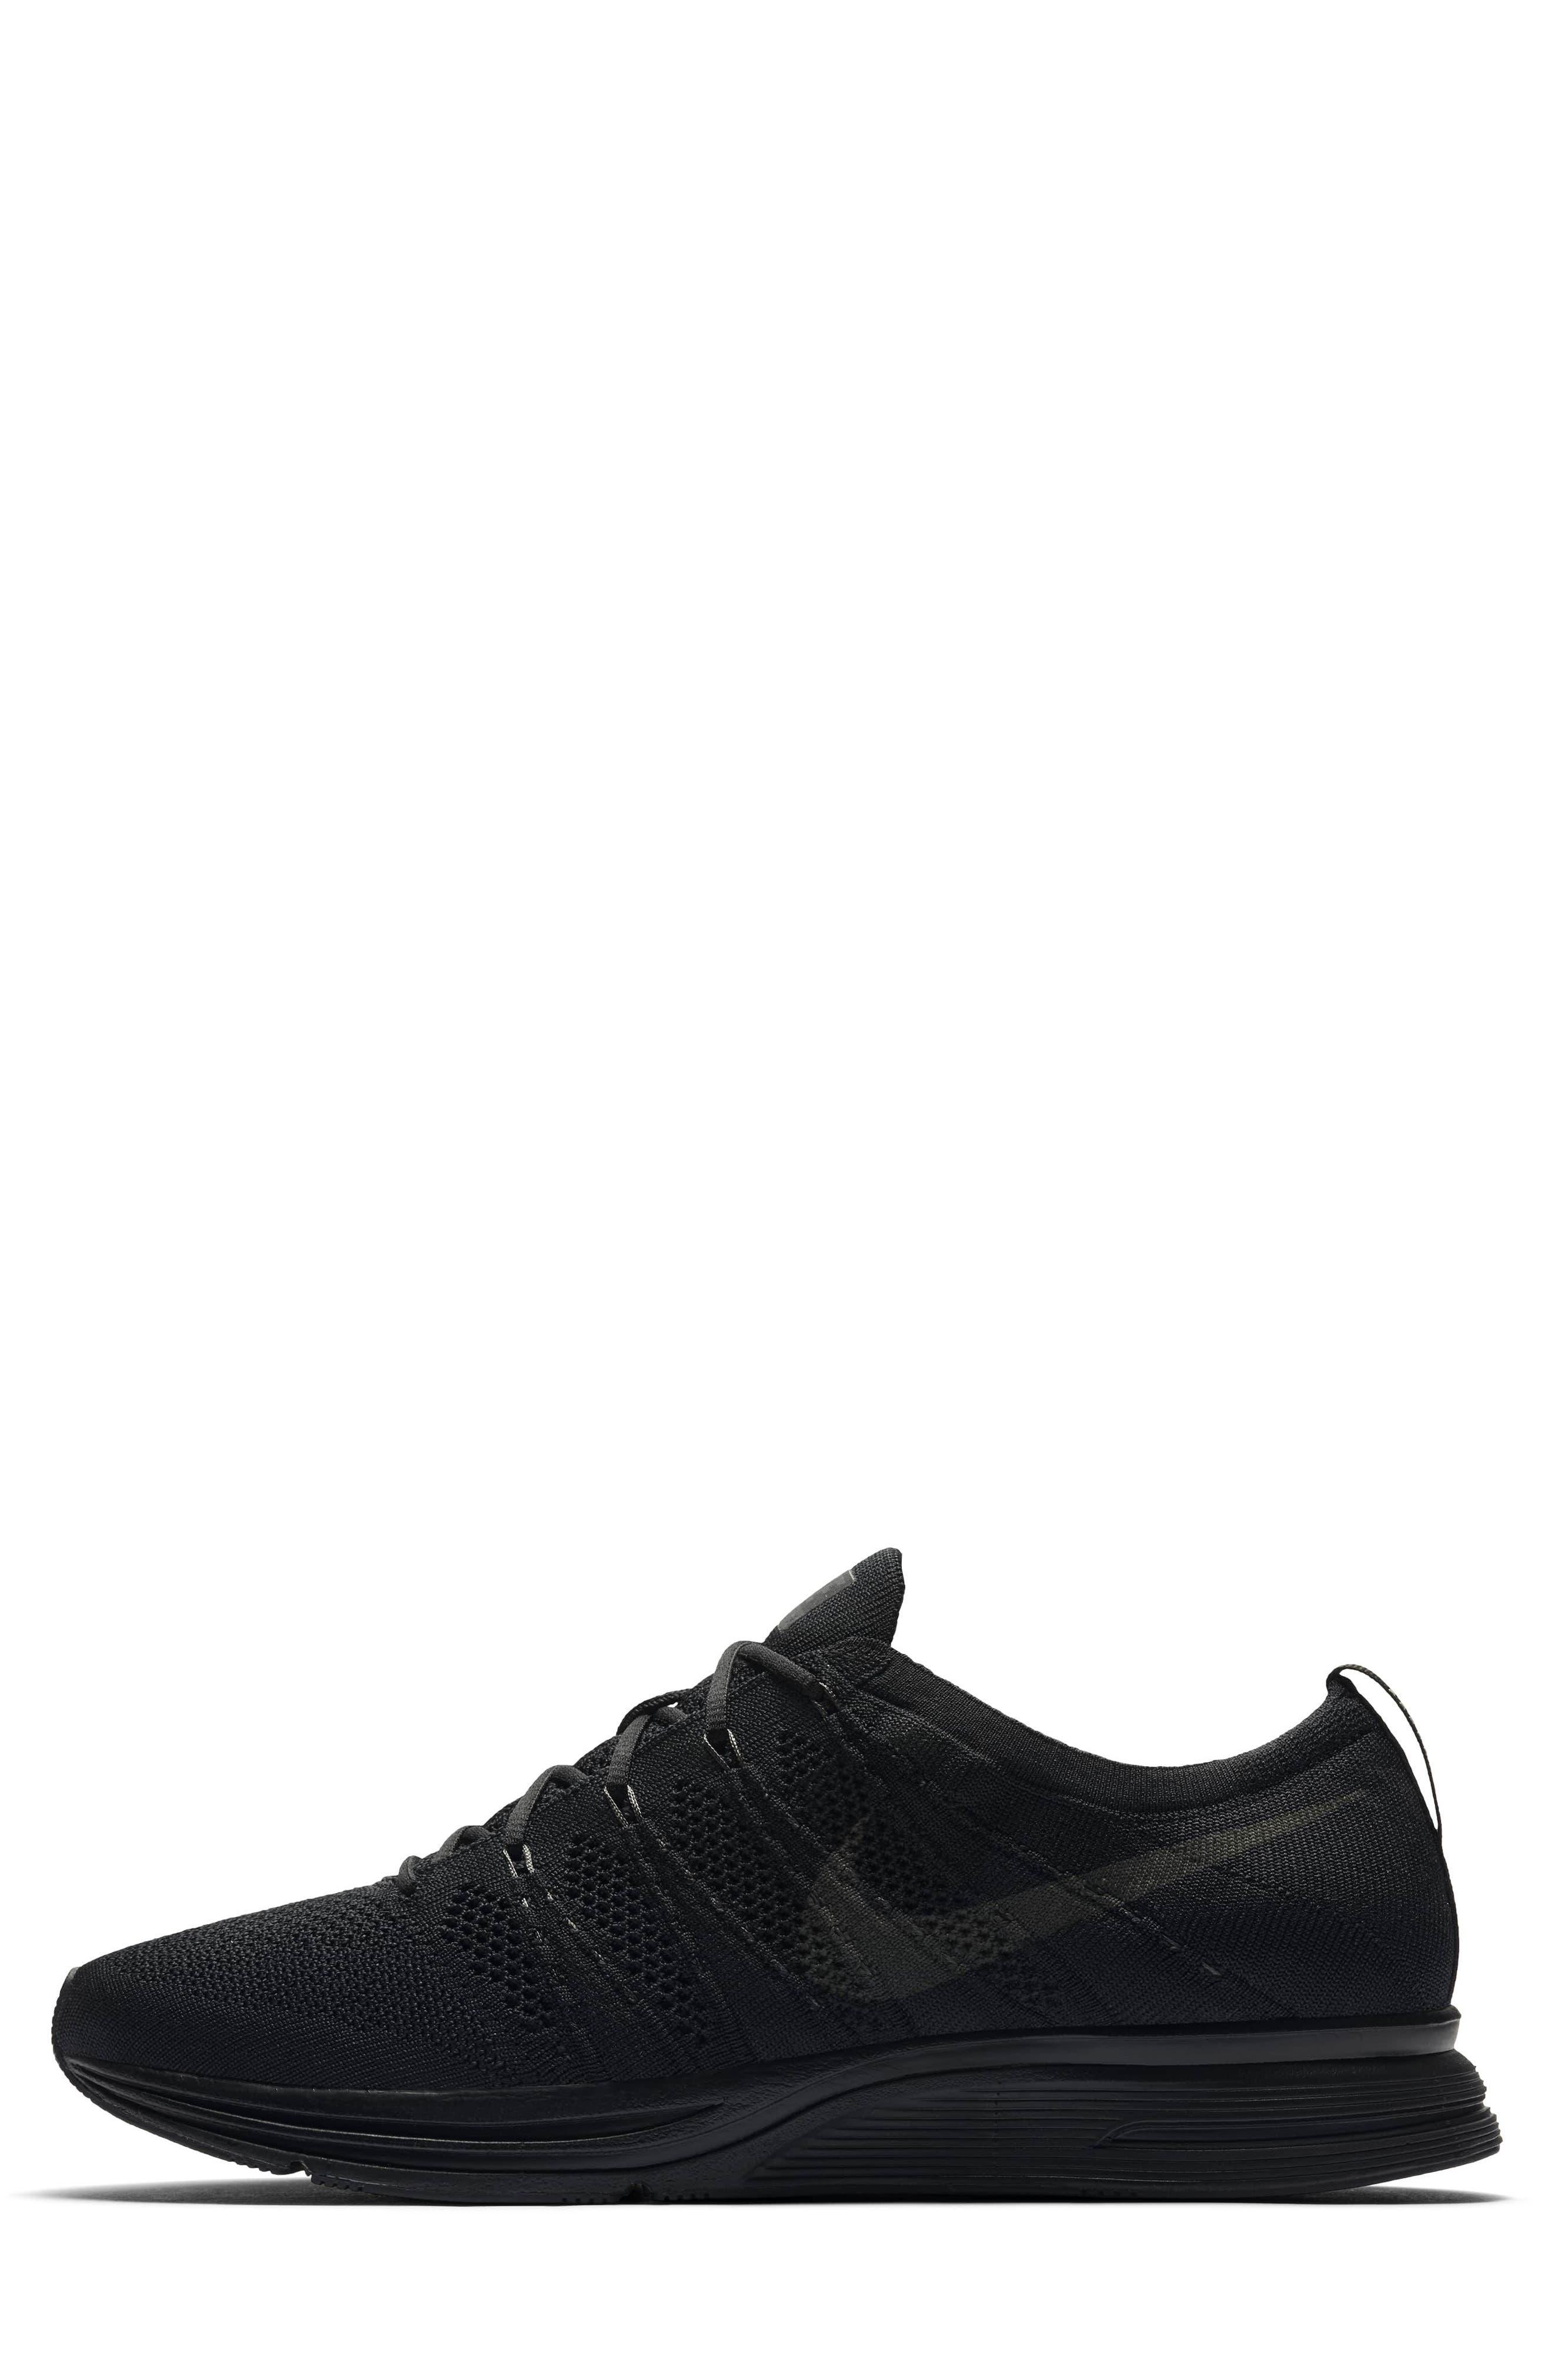 ... Buy Nike Flyknit Trainer Sneaker Unisex ...